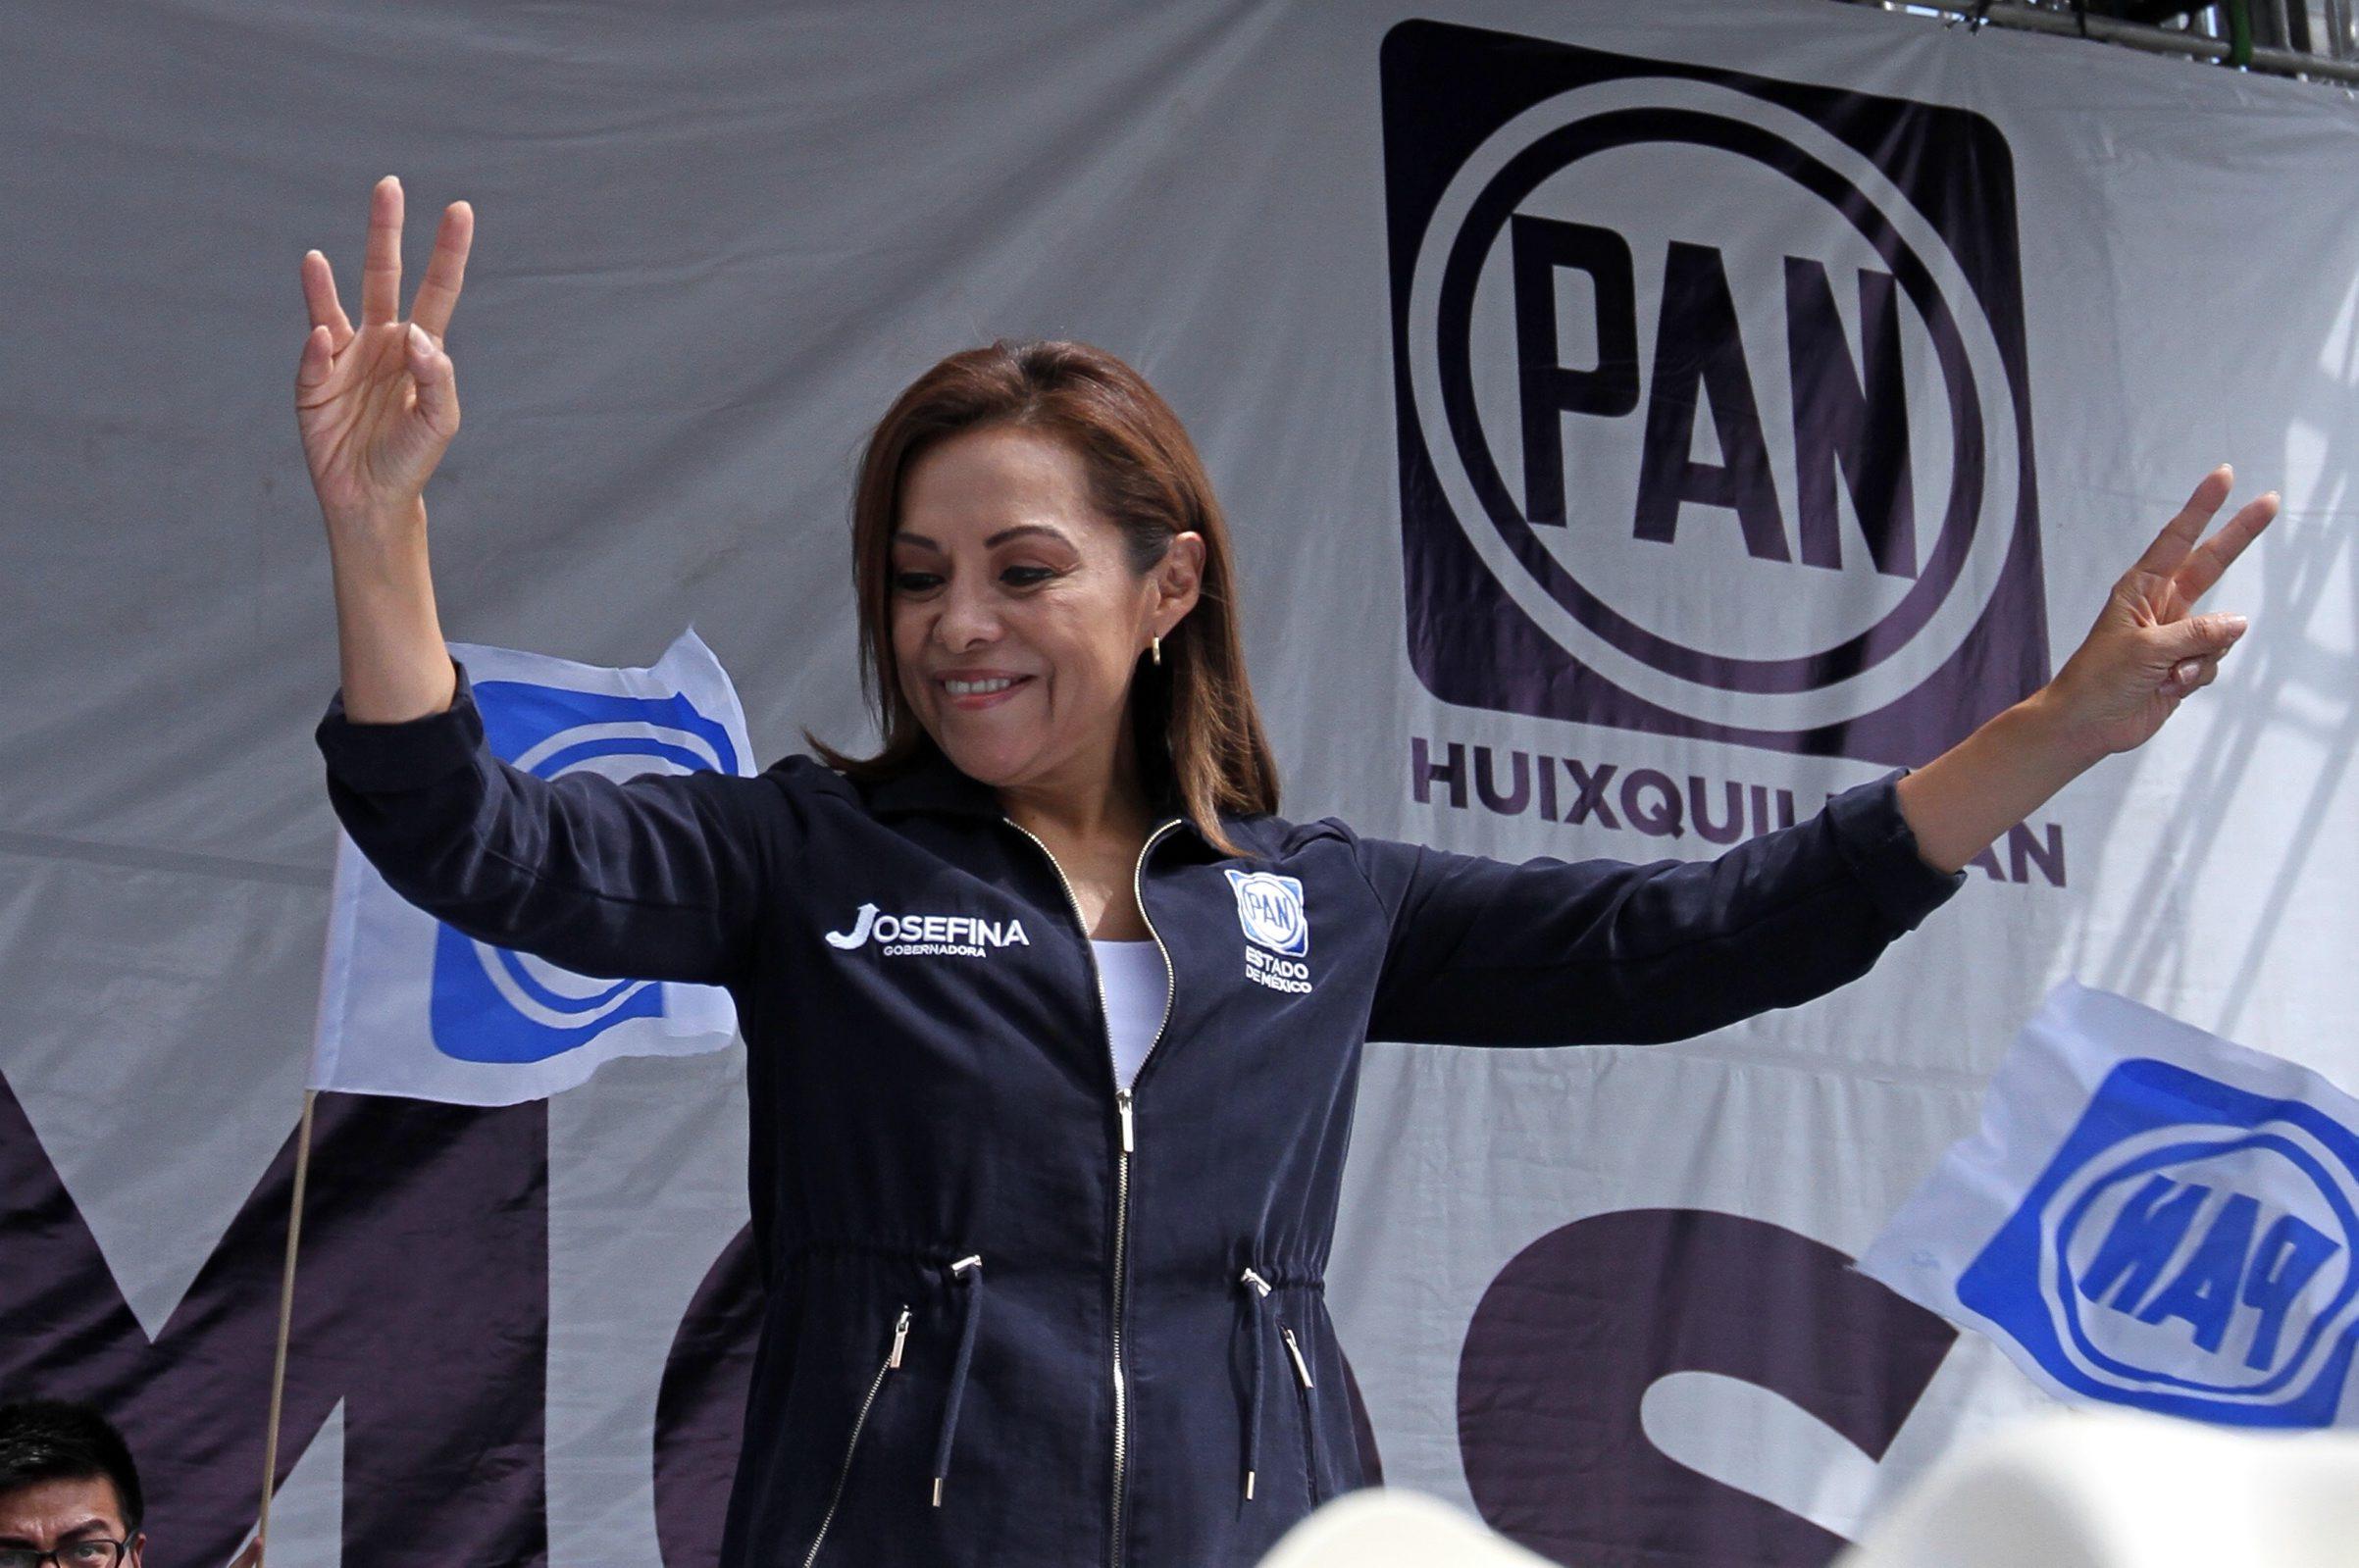 28 May 2017 (Notimex-Francisco García).- La candidata del Partido Acción Nacional (PAN) al gobierno del Estado de México, Josefina Vázquez Mota, durante el cierre de campaña, acompañada de cientos de militantes.  NOTIMEX/FOTO/FRANCISCO GARCIA/FGV/POL